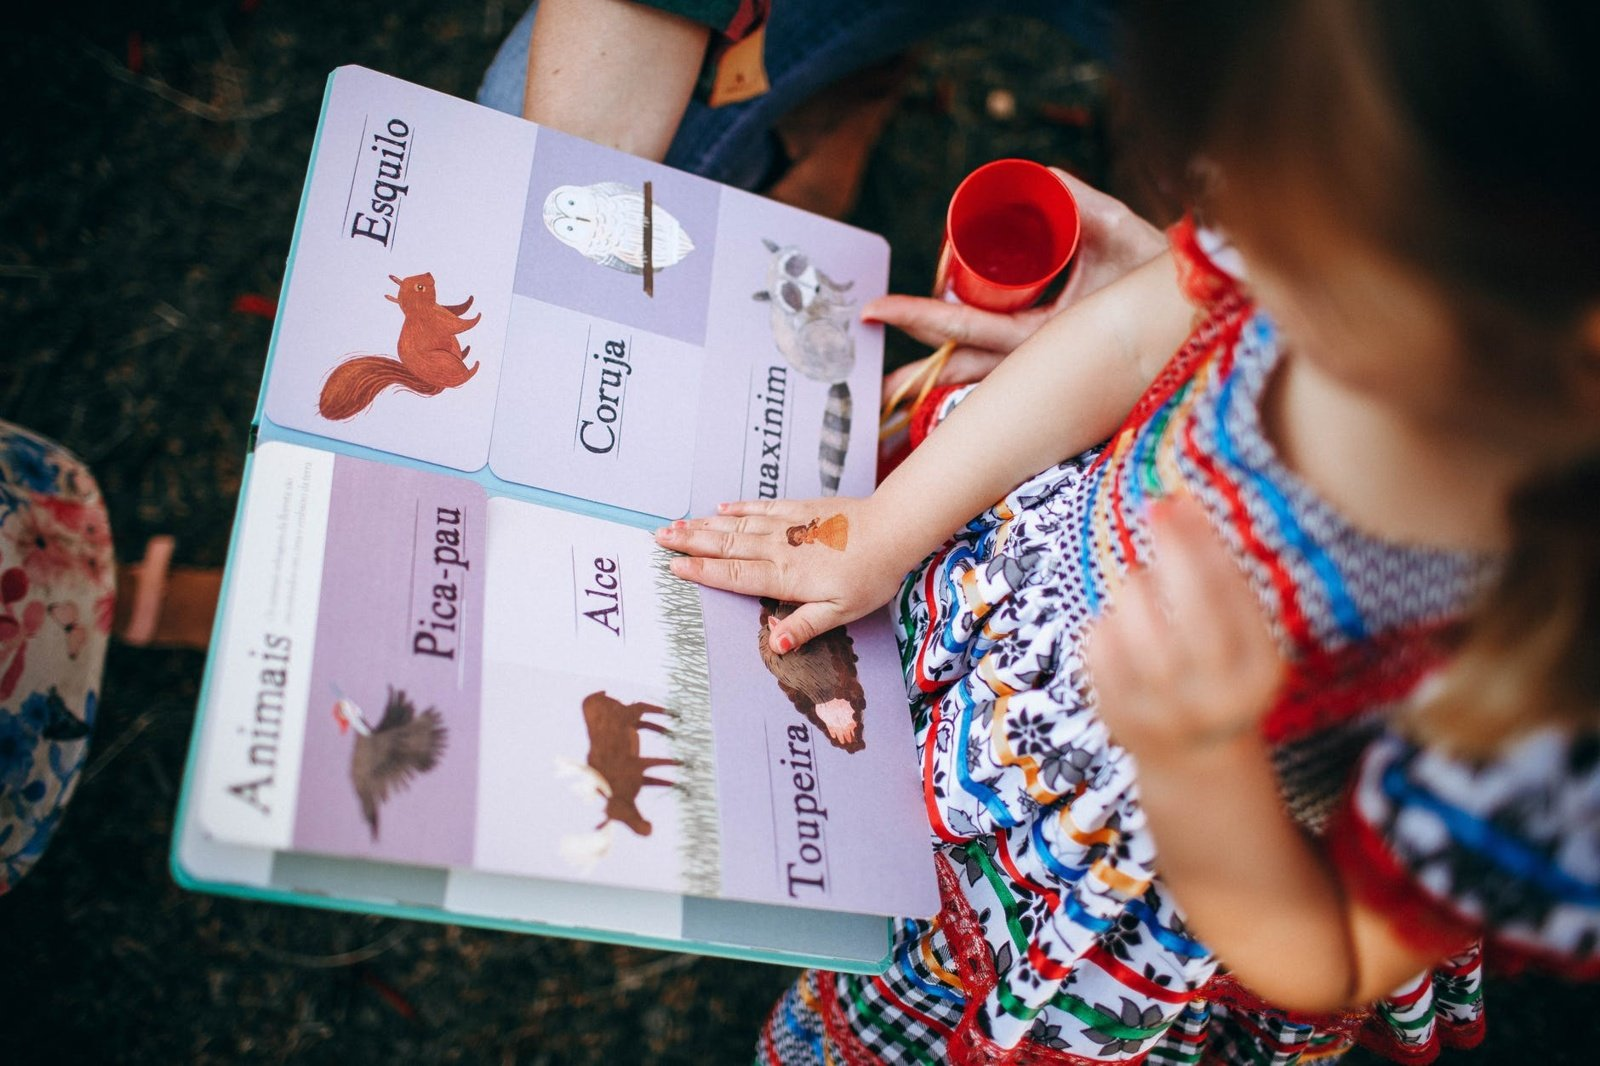 """Knygos vaikams: kaip mažiesiems """"įskiepyti"""" meilę skaitymui?"""